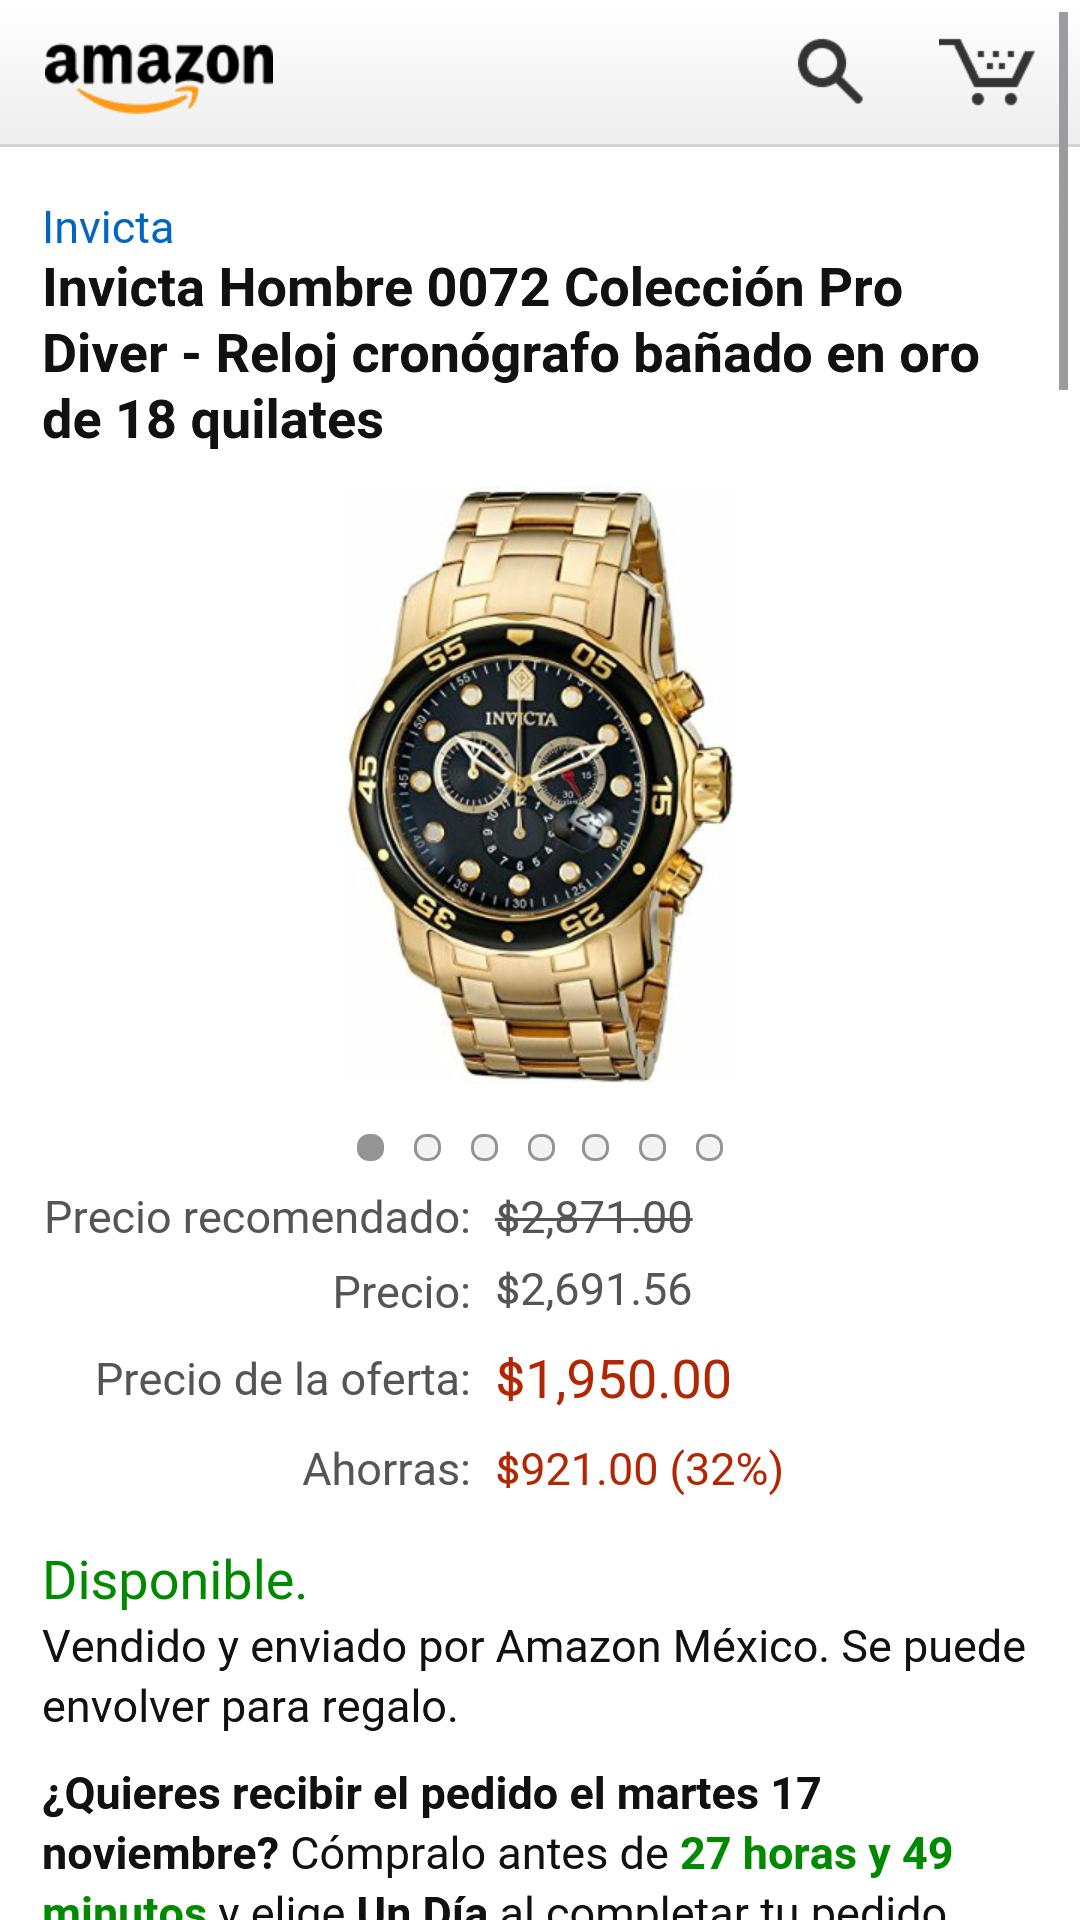 Amazon Oferta Relámpago: Reloj invicta Bañado en Oro 18 quilates